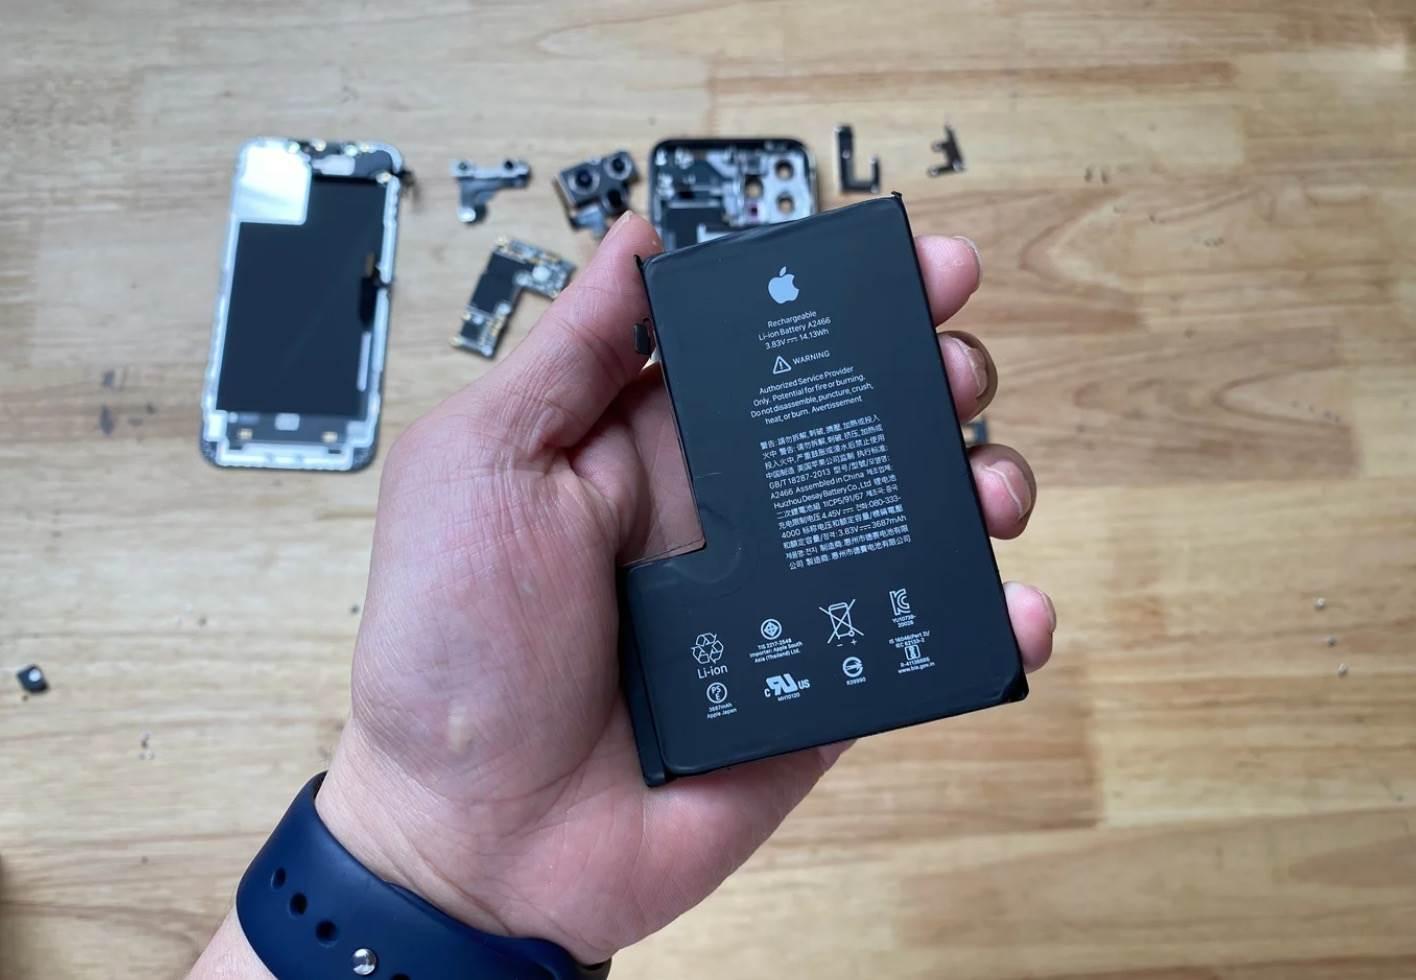 Poznaliśmy oficjalną pojemność baterii iPhone 12 Pro Max polecane, ciekawostki pojemność baterii, pojemnosc, iPhone 12 Pro Max, bateria iPhone 12 Pro Max  Chiński użytkownik opublikował na Webio zdjęcia części iPhone?a 12 Pro Max. Na zdjęciach znalazła się także bateria, która zdradza nam pojemność największego z tegorocznych iPhone?ów. 1@2x 17